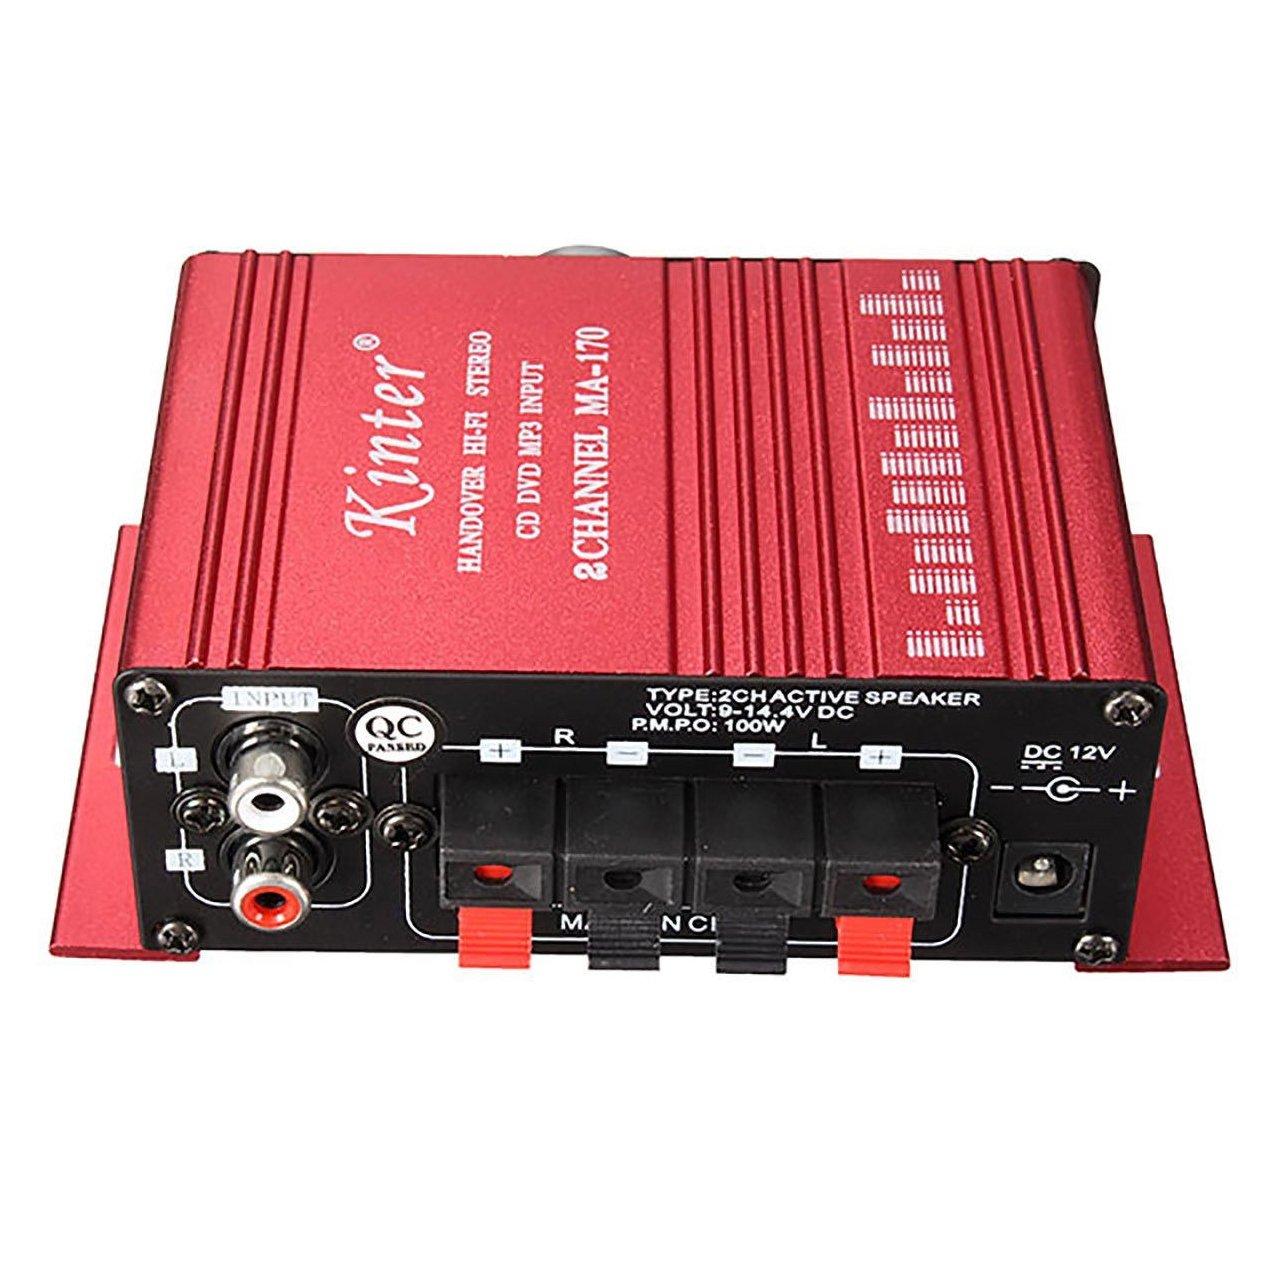 Amplificador de audio - SODIAL(R)12V Mini Hi-Fi Amplificador de audio Booster MP3 estereo para Coche Motocicleta Barco Casa: Amazon.es: Coche y moto